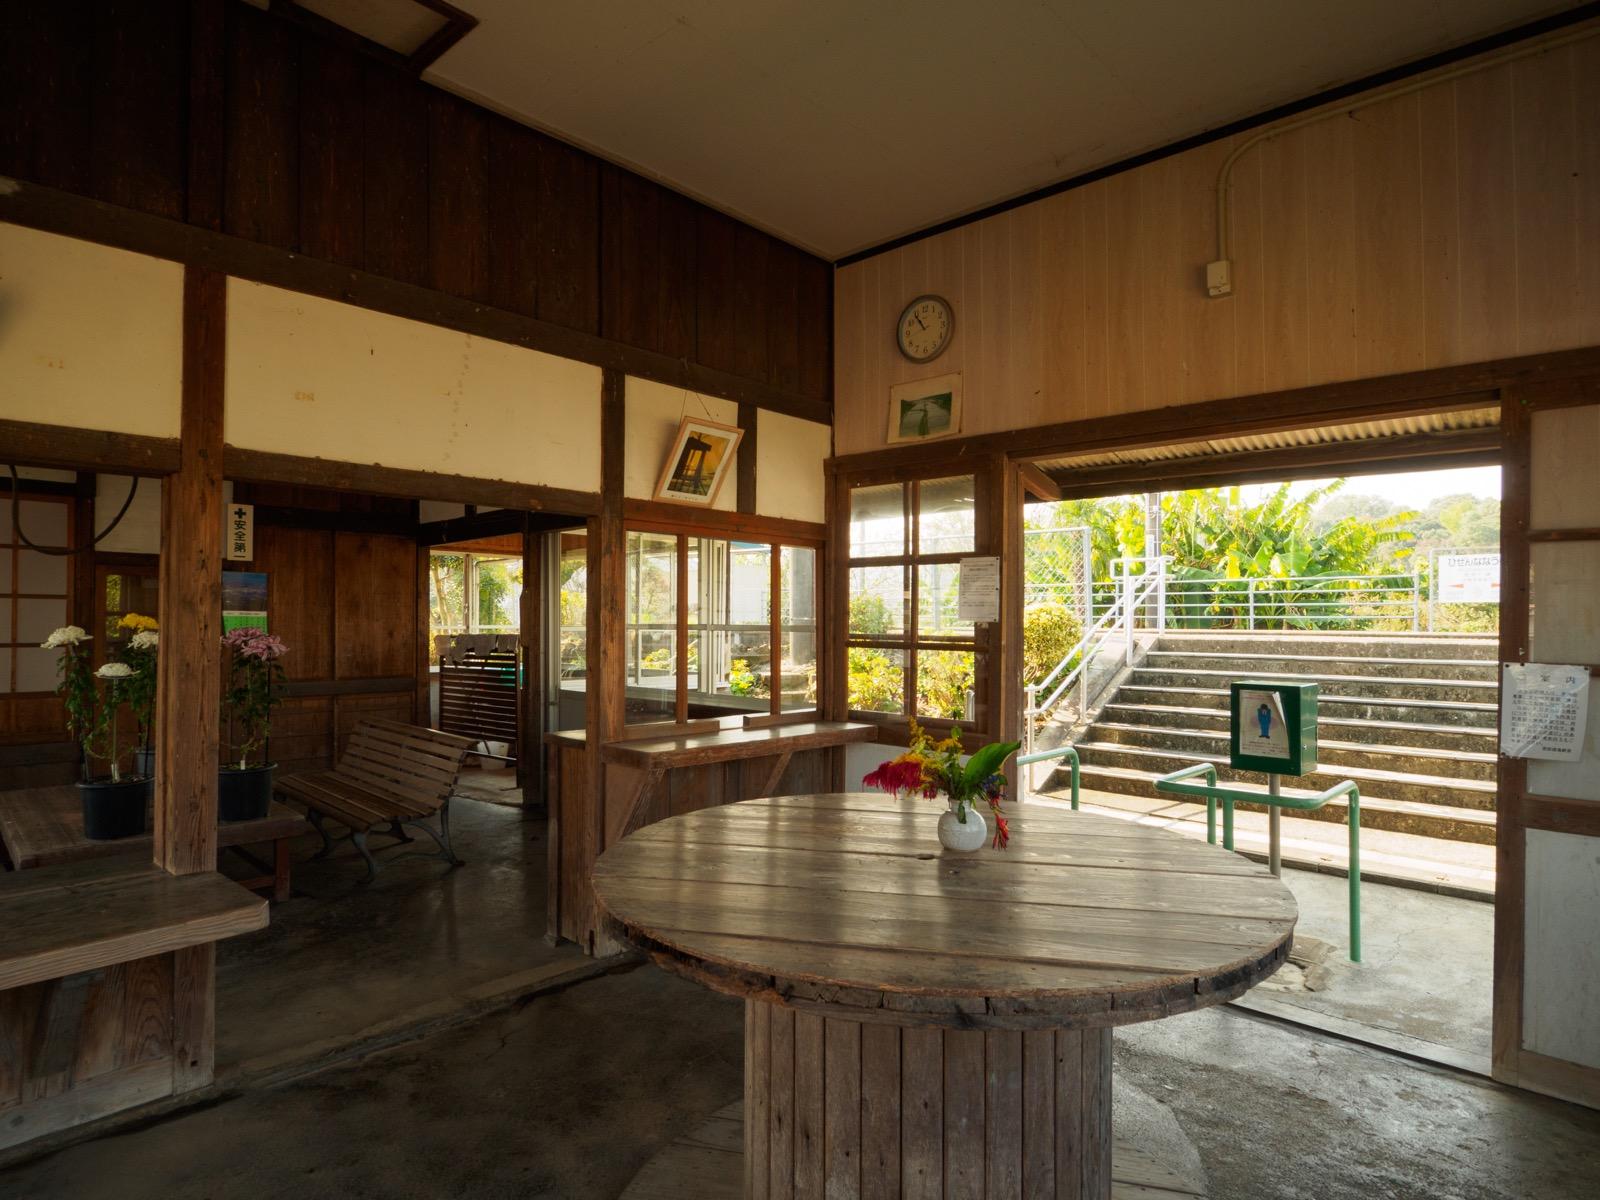 肥前七浦駅の駅舎内